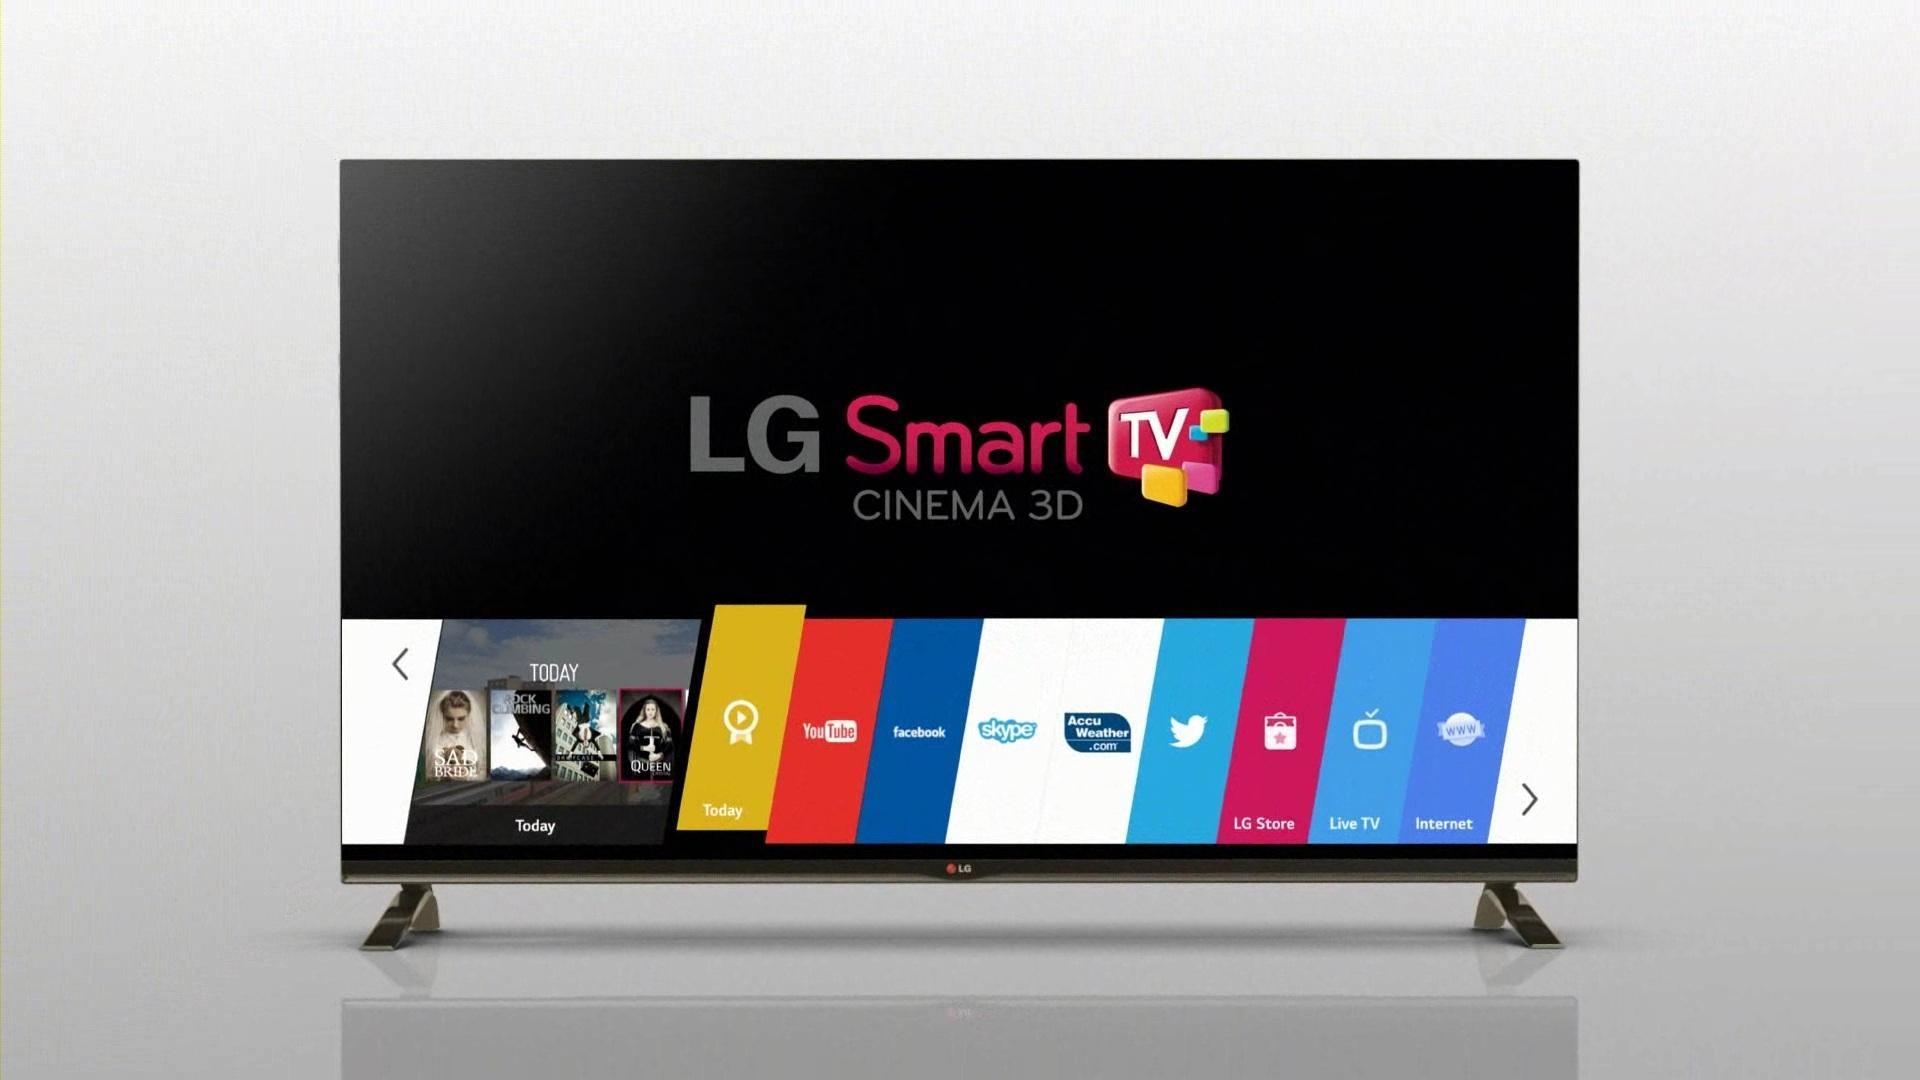 Какие есть полезные приложения для LG Smart TV?